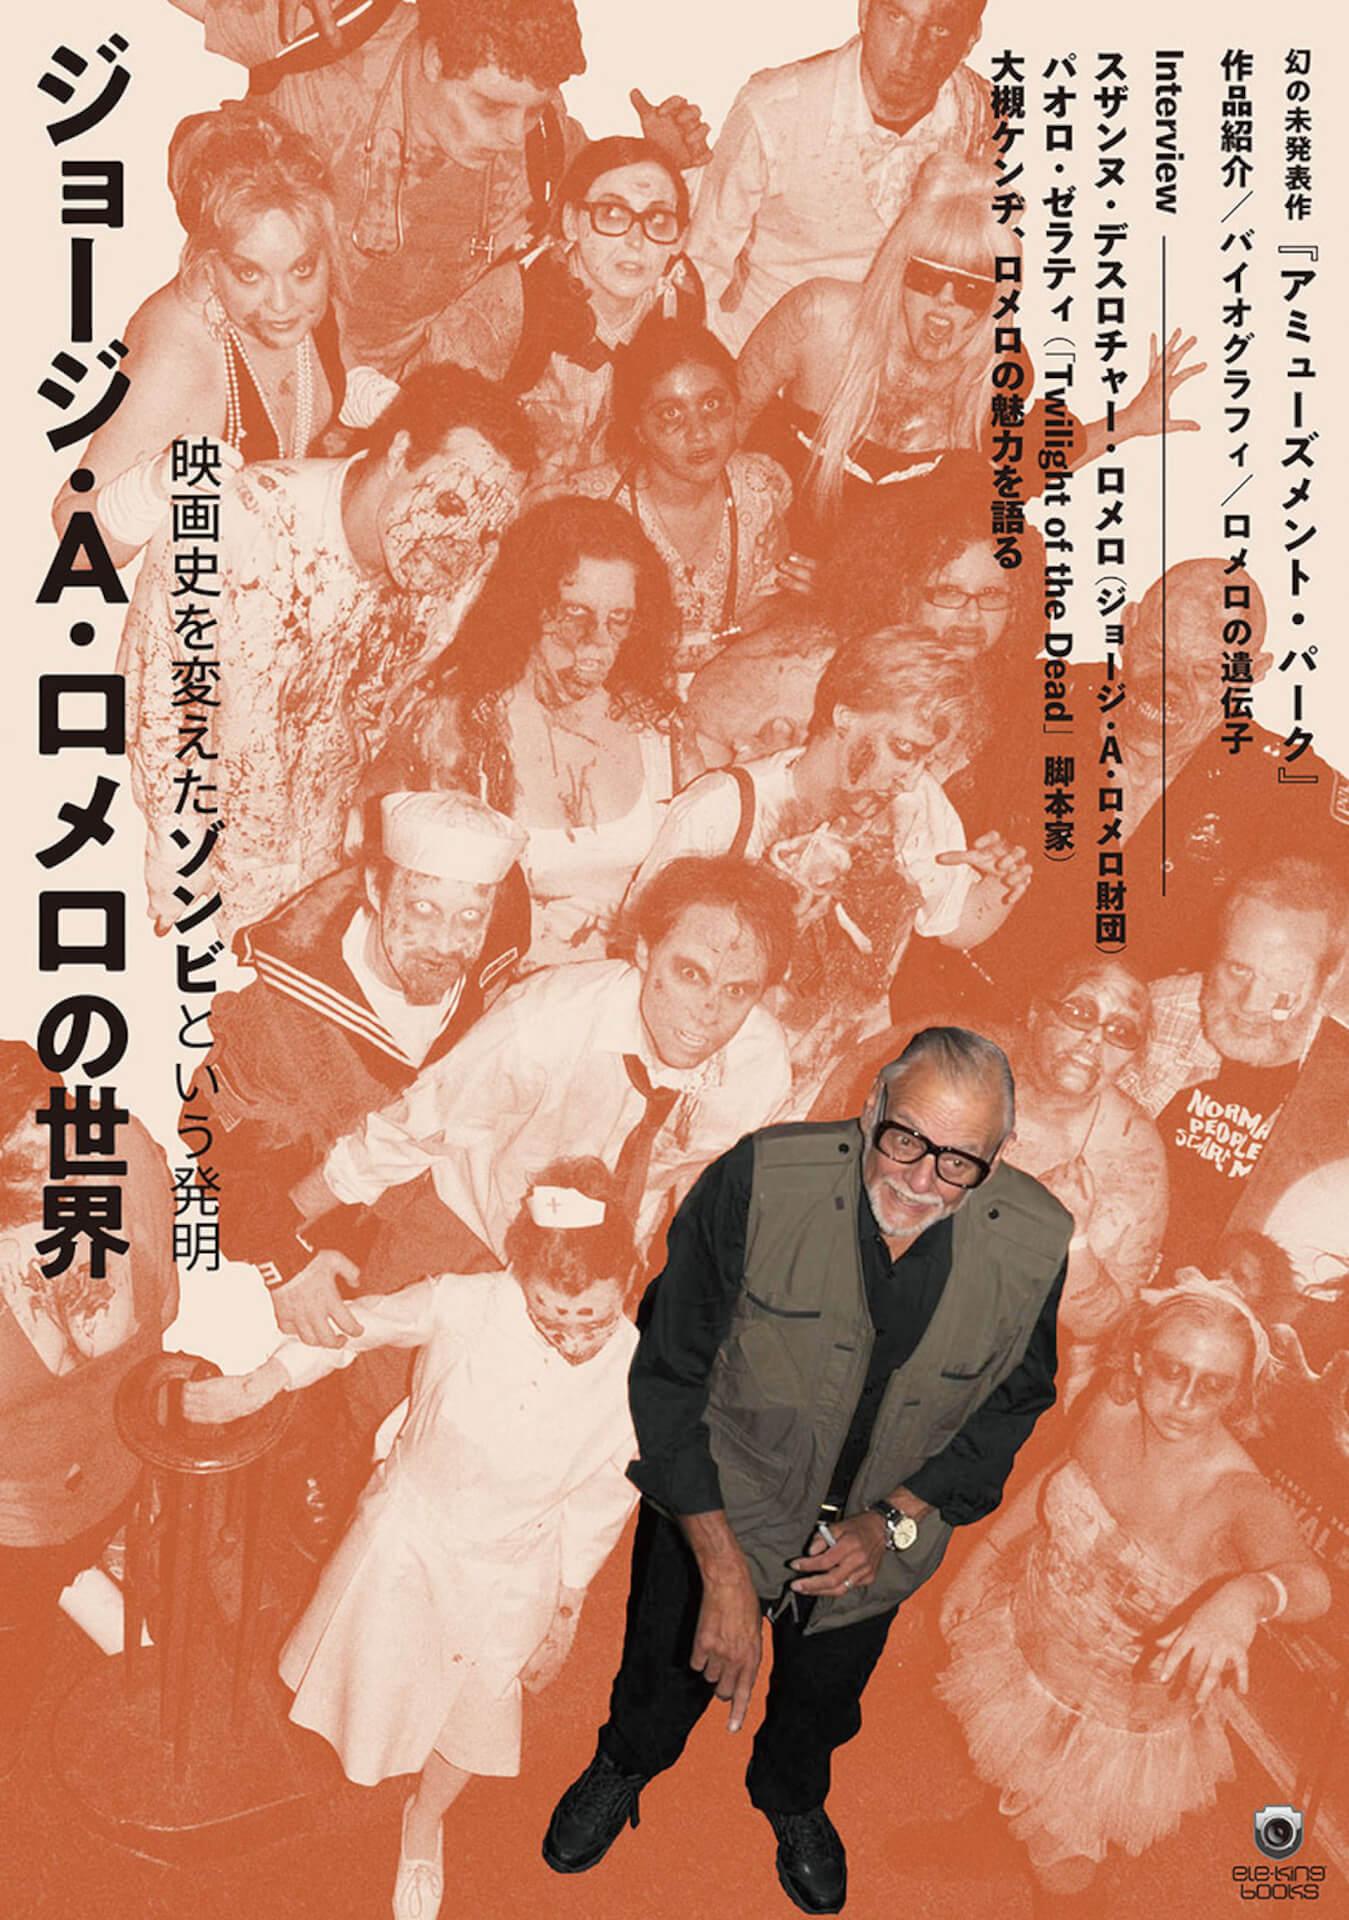 『ジョージ・A・ロメロの世界 映画史を変えたゾンビという発明』発売&『アミューズメント・パーク』公開記念!DOMMUNEで『実写版ジョージ・A・ロメロの世界』が配信決定 music211012_george_andrew_romero_01